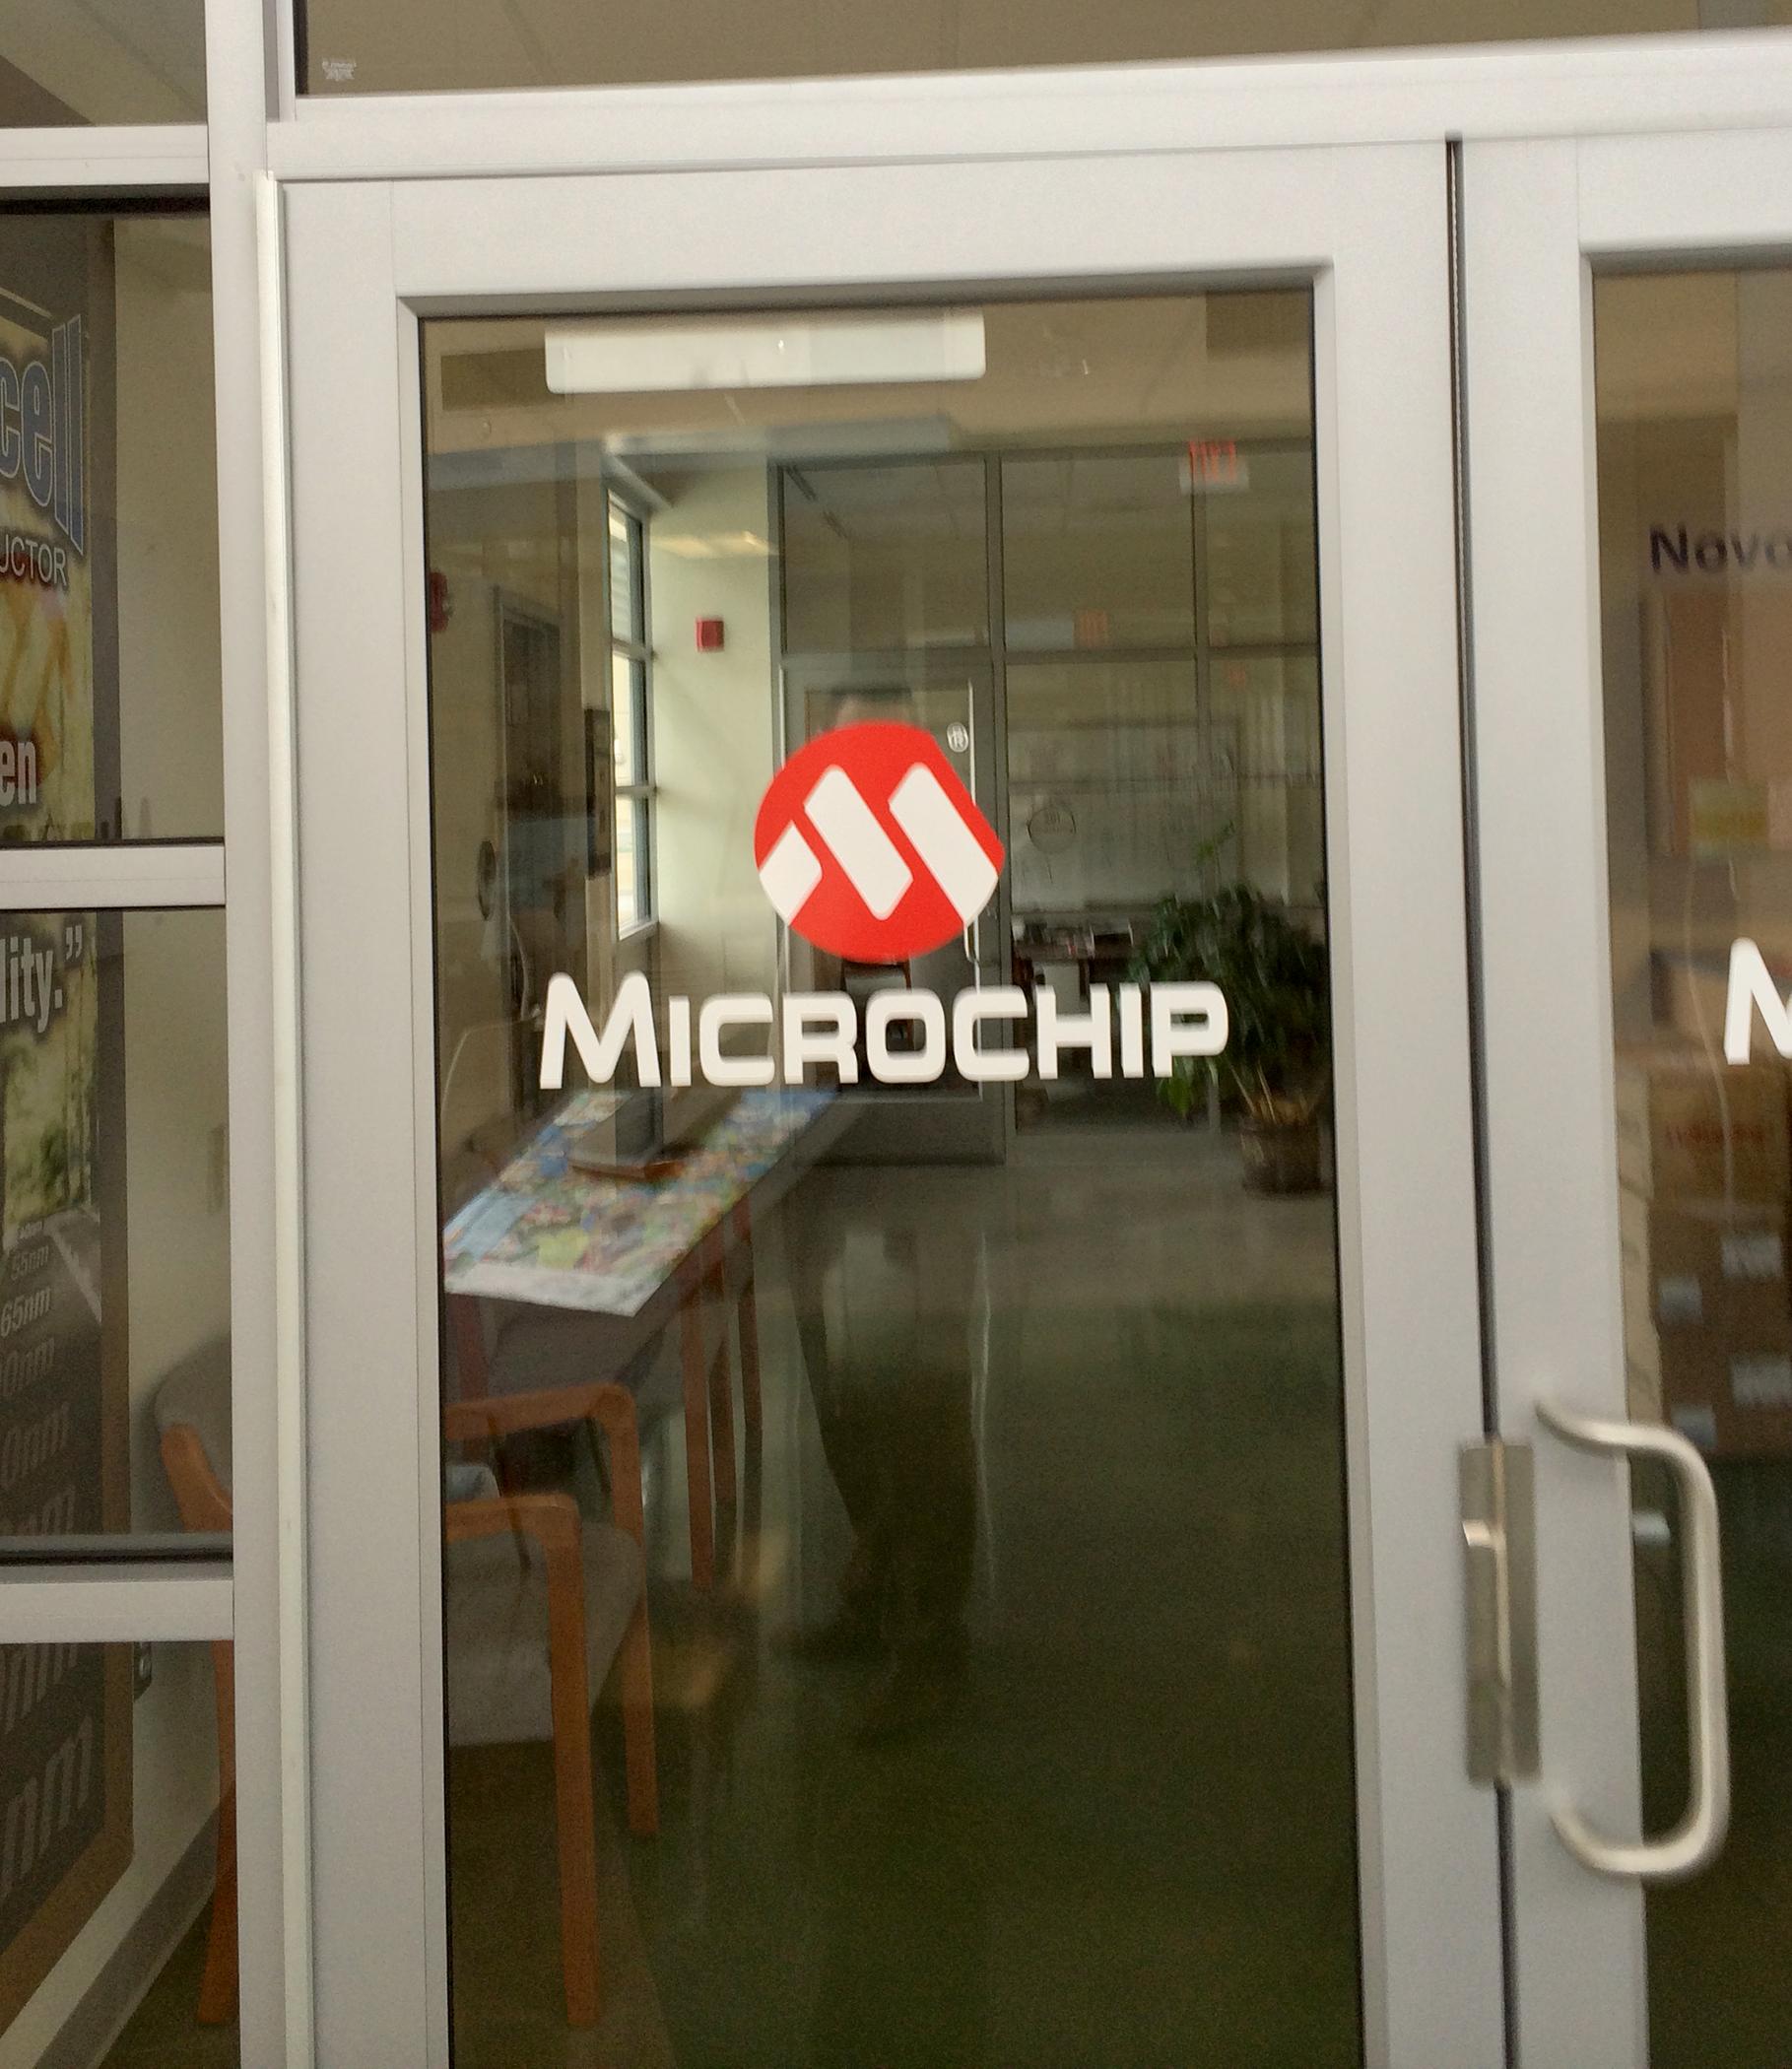 Client: Microchip